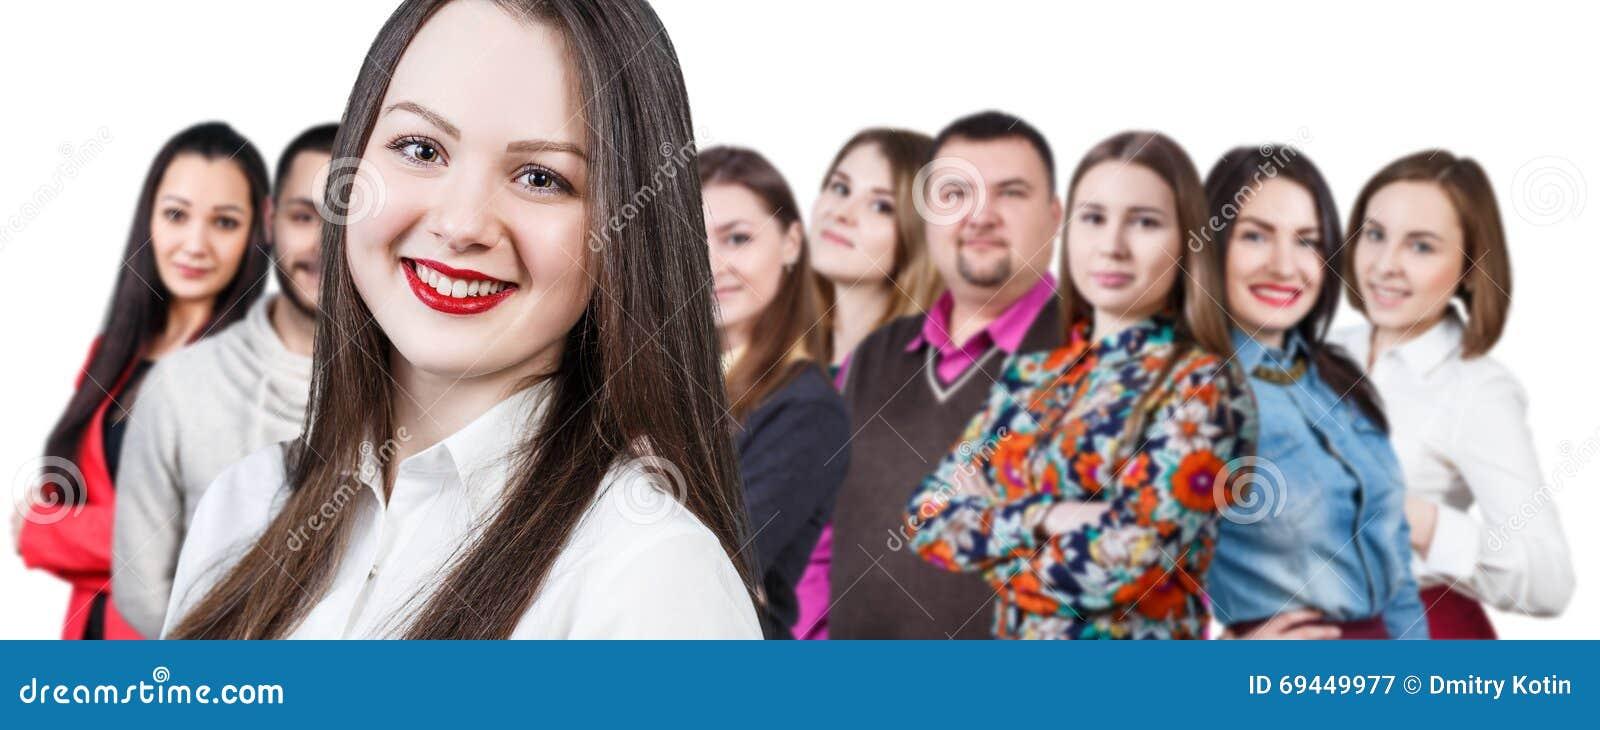 Szczęśliwa uśmiechnięta młoda grupa ludzi